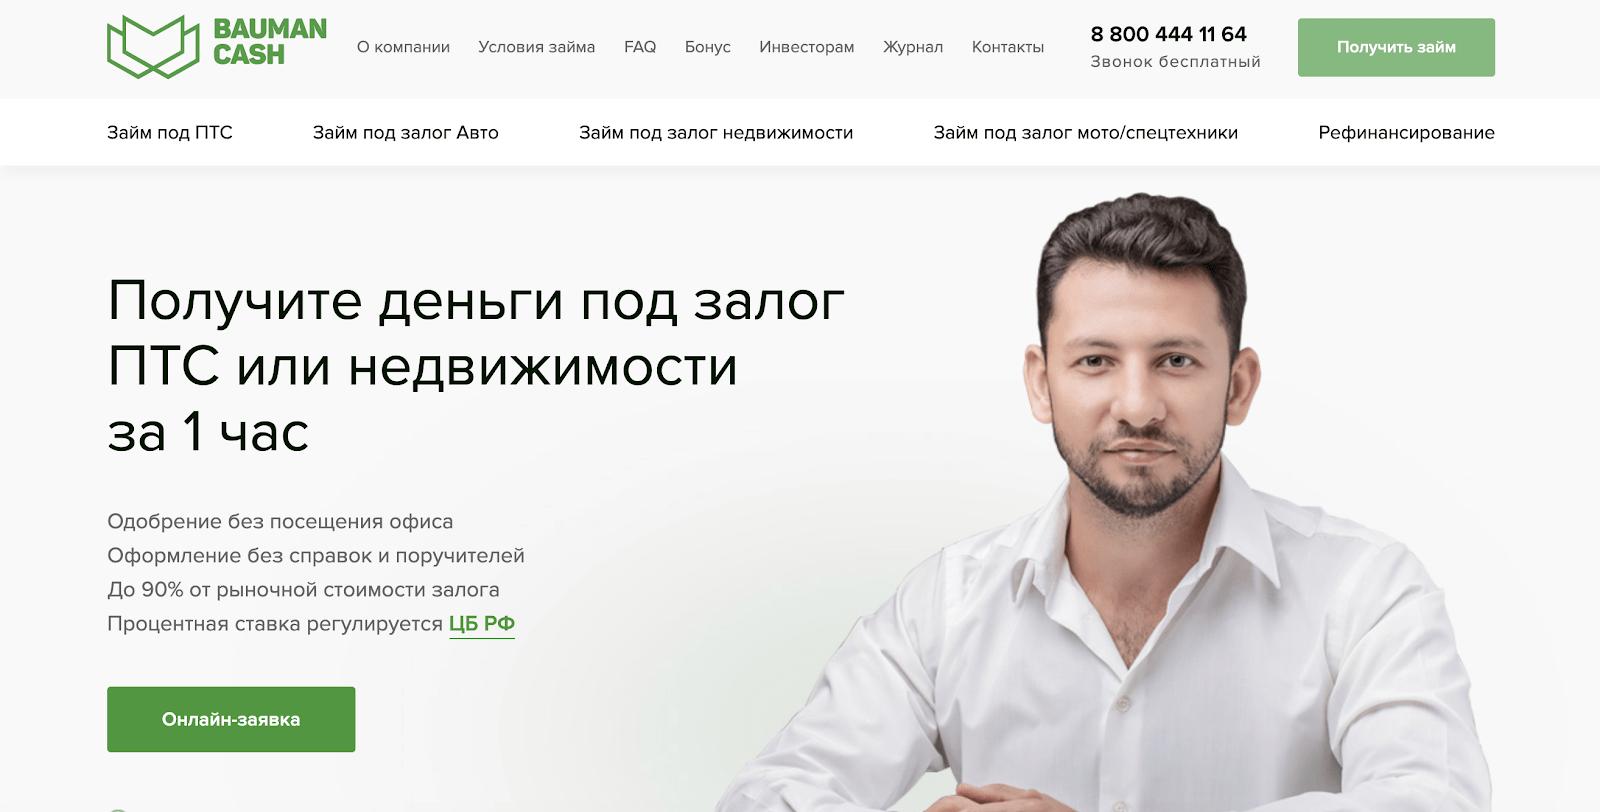 Продающий сайт пример